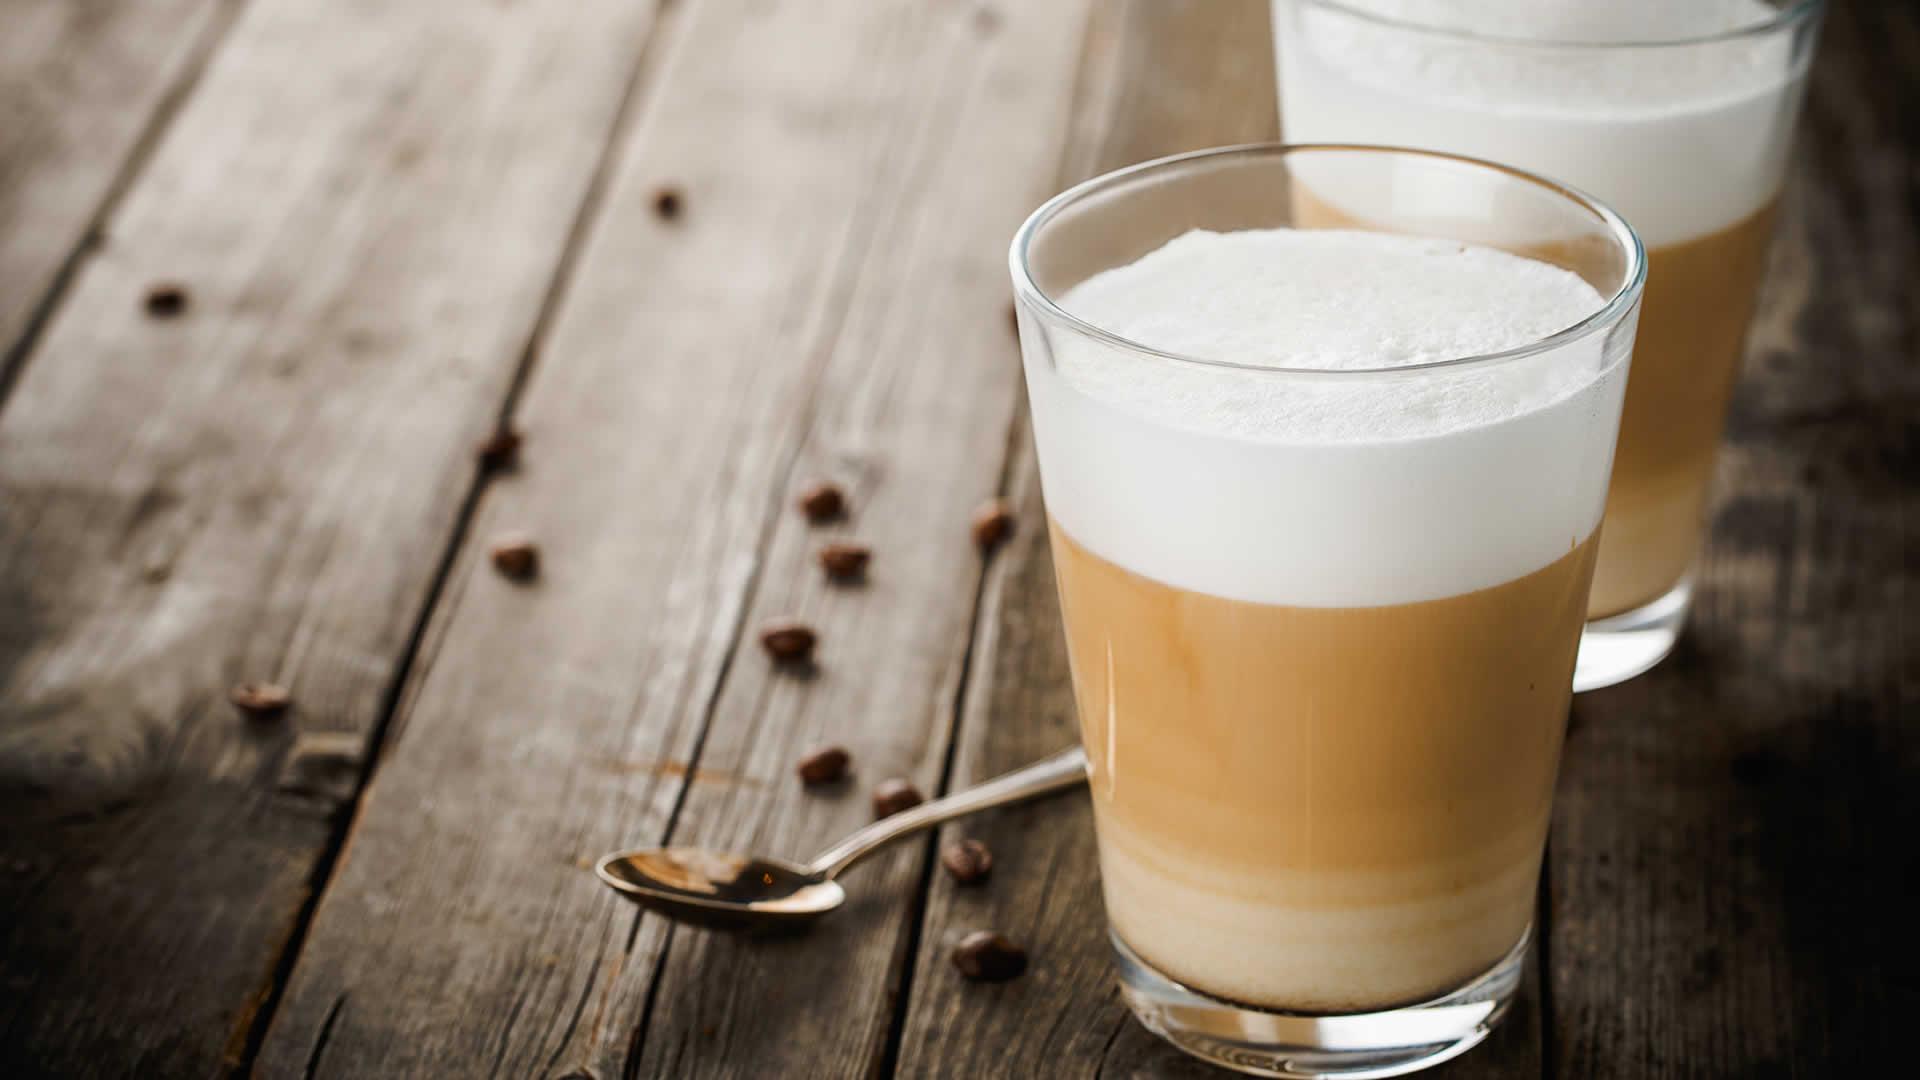 latte macchiato gesucht? alles zum thema kaffee gibts hier!